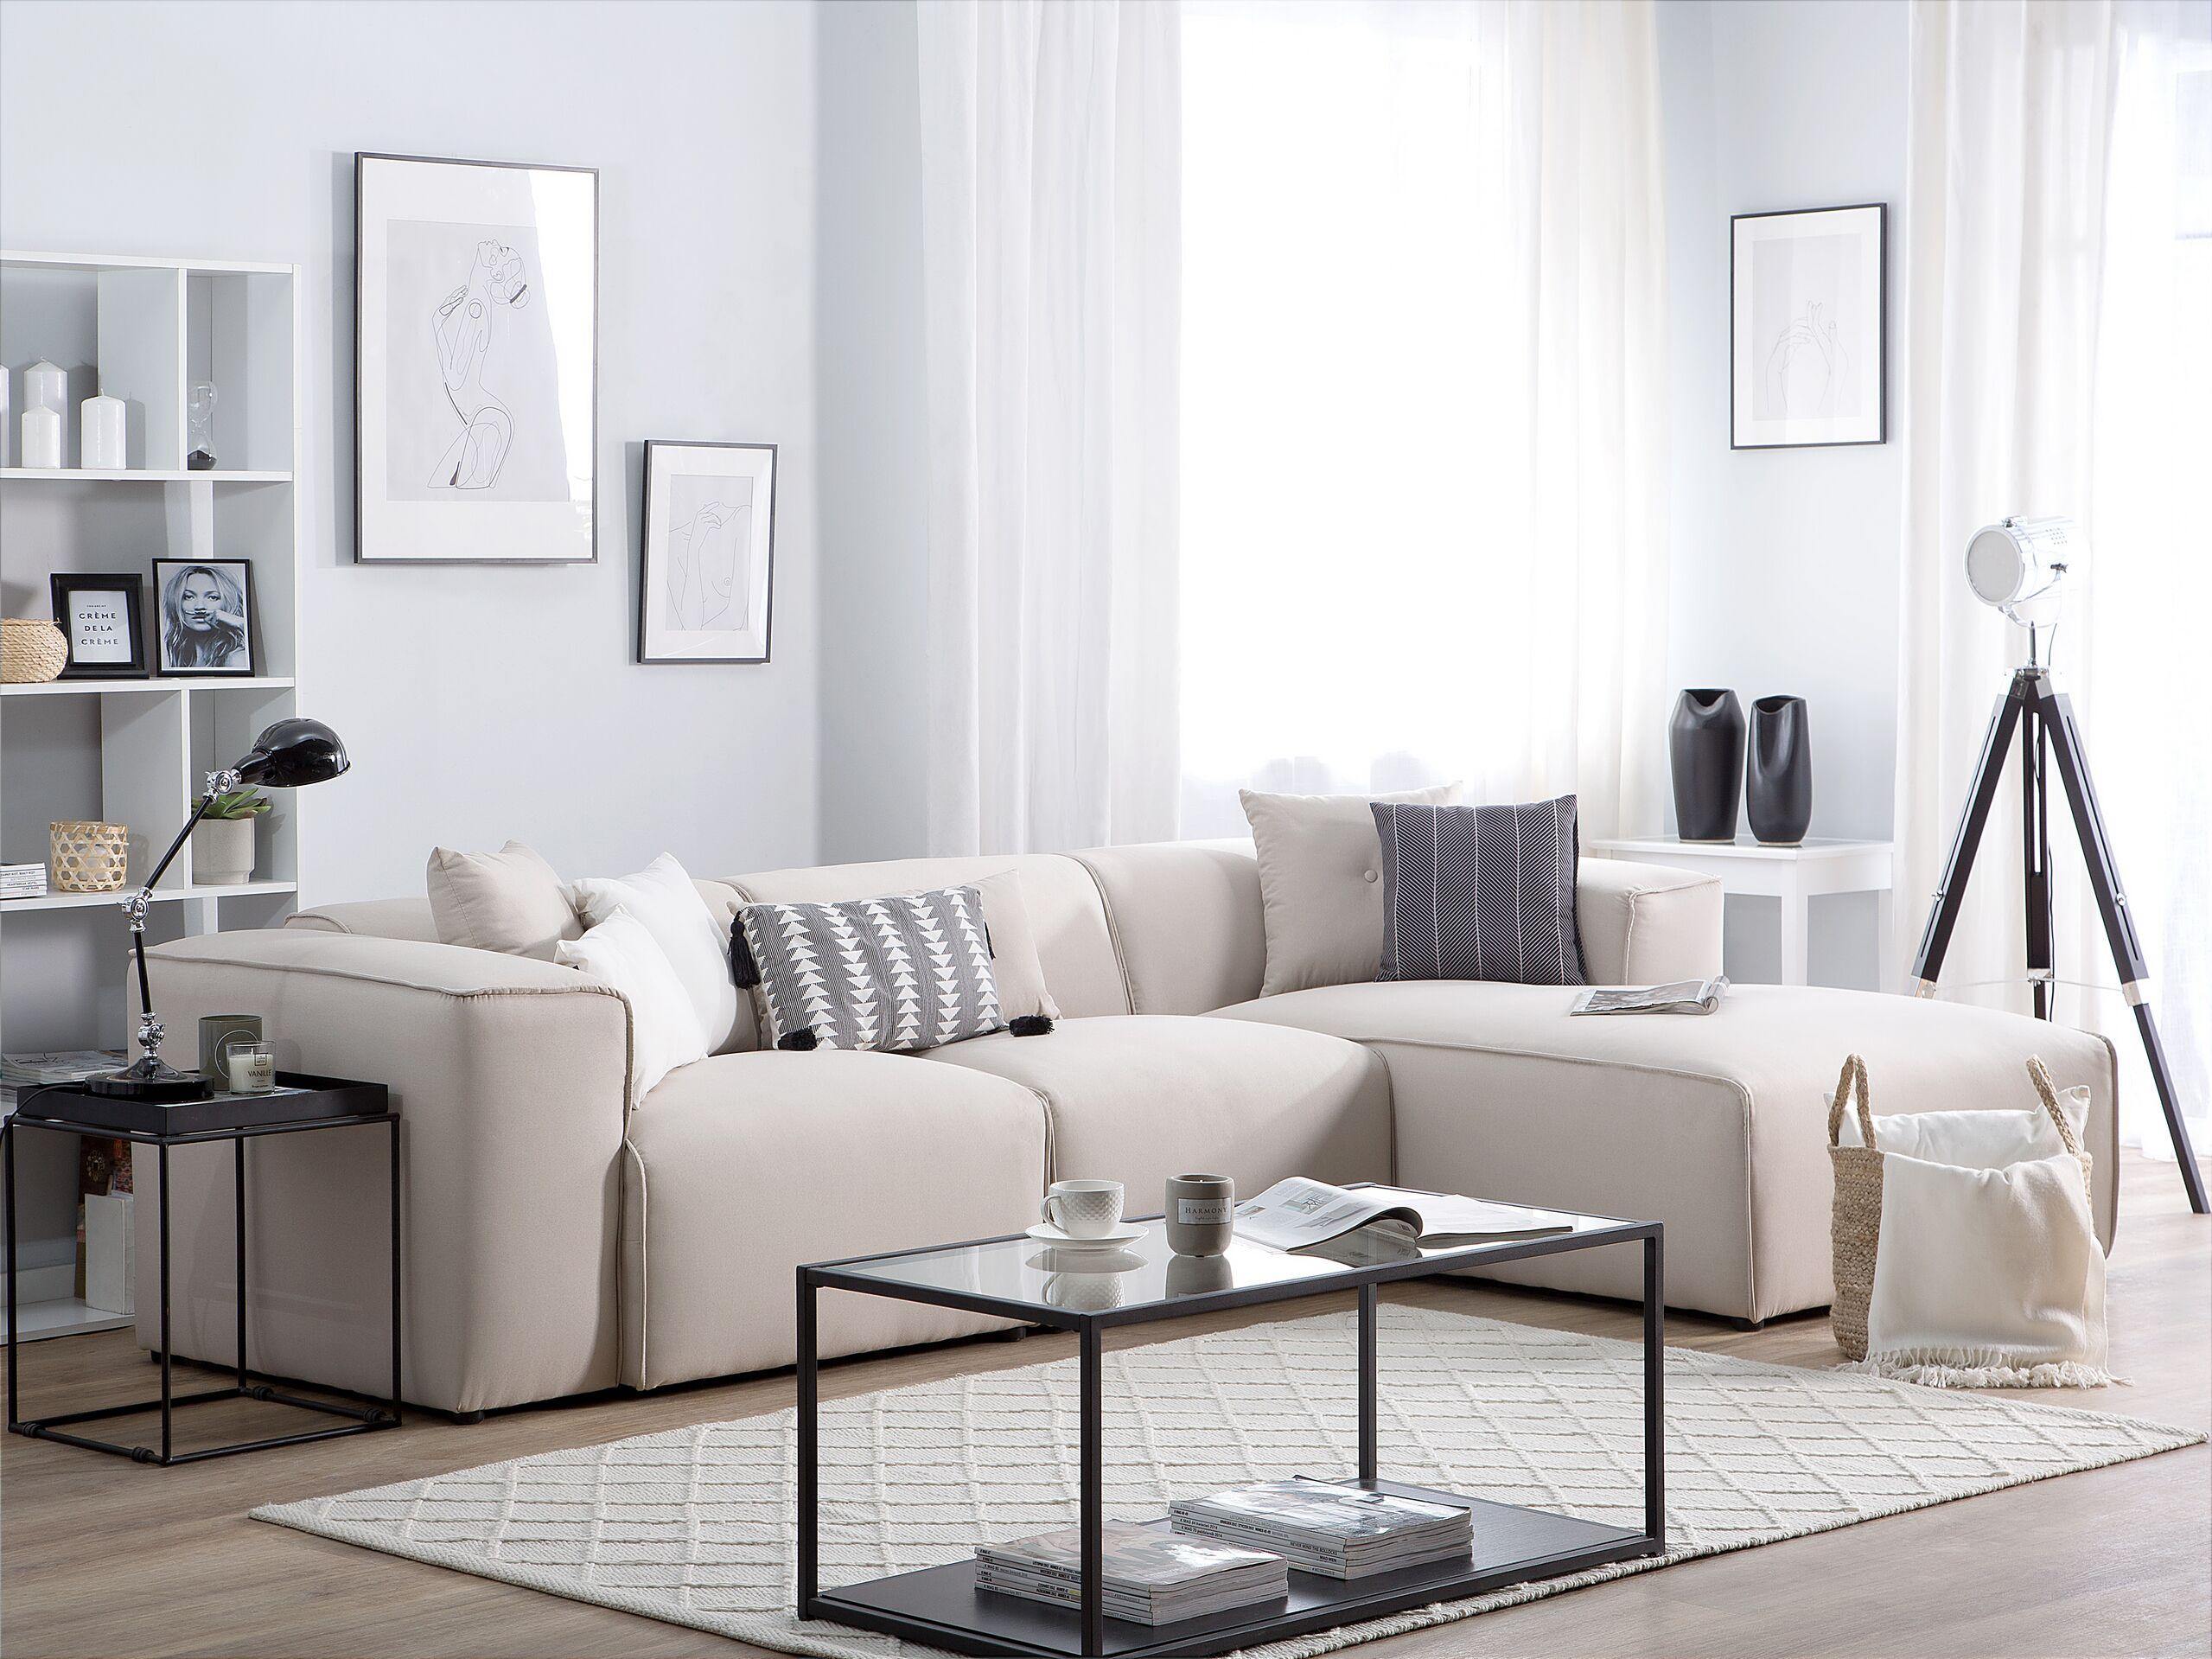 Canapé angle à gauche en tissu beige 3 places